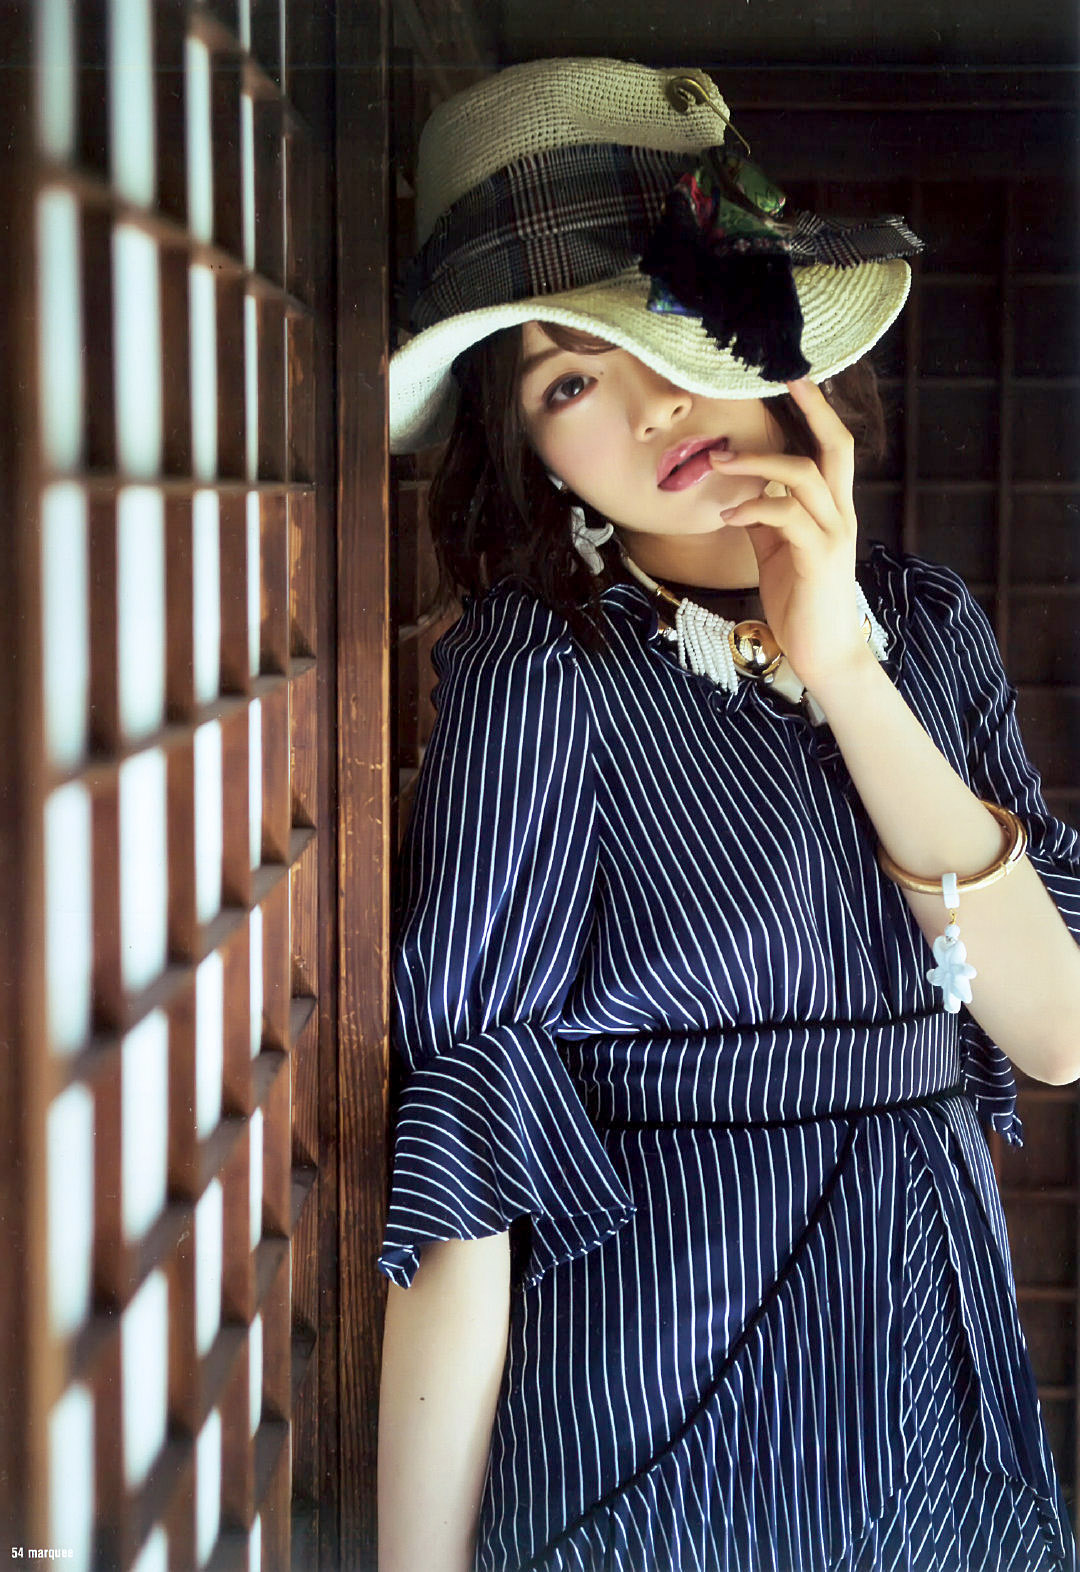 Mizuki Yamashita Marquee 132 19 05.jpg